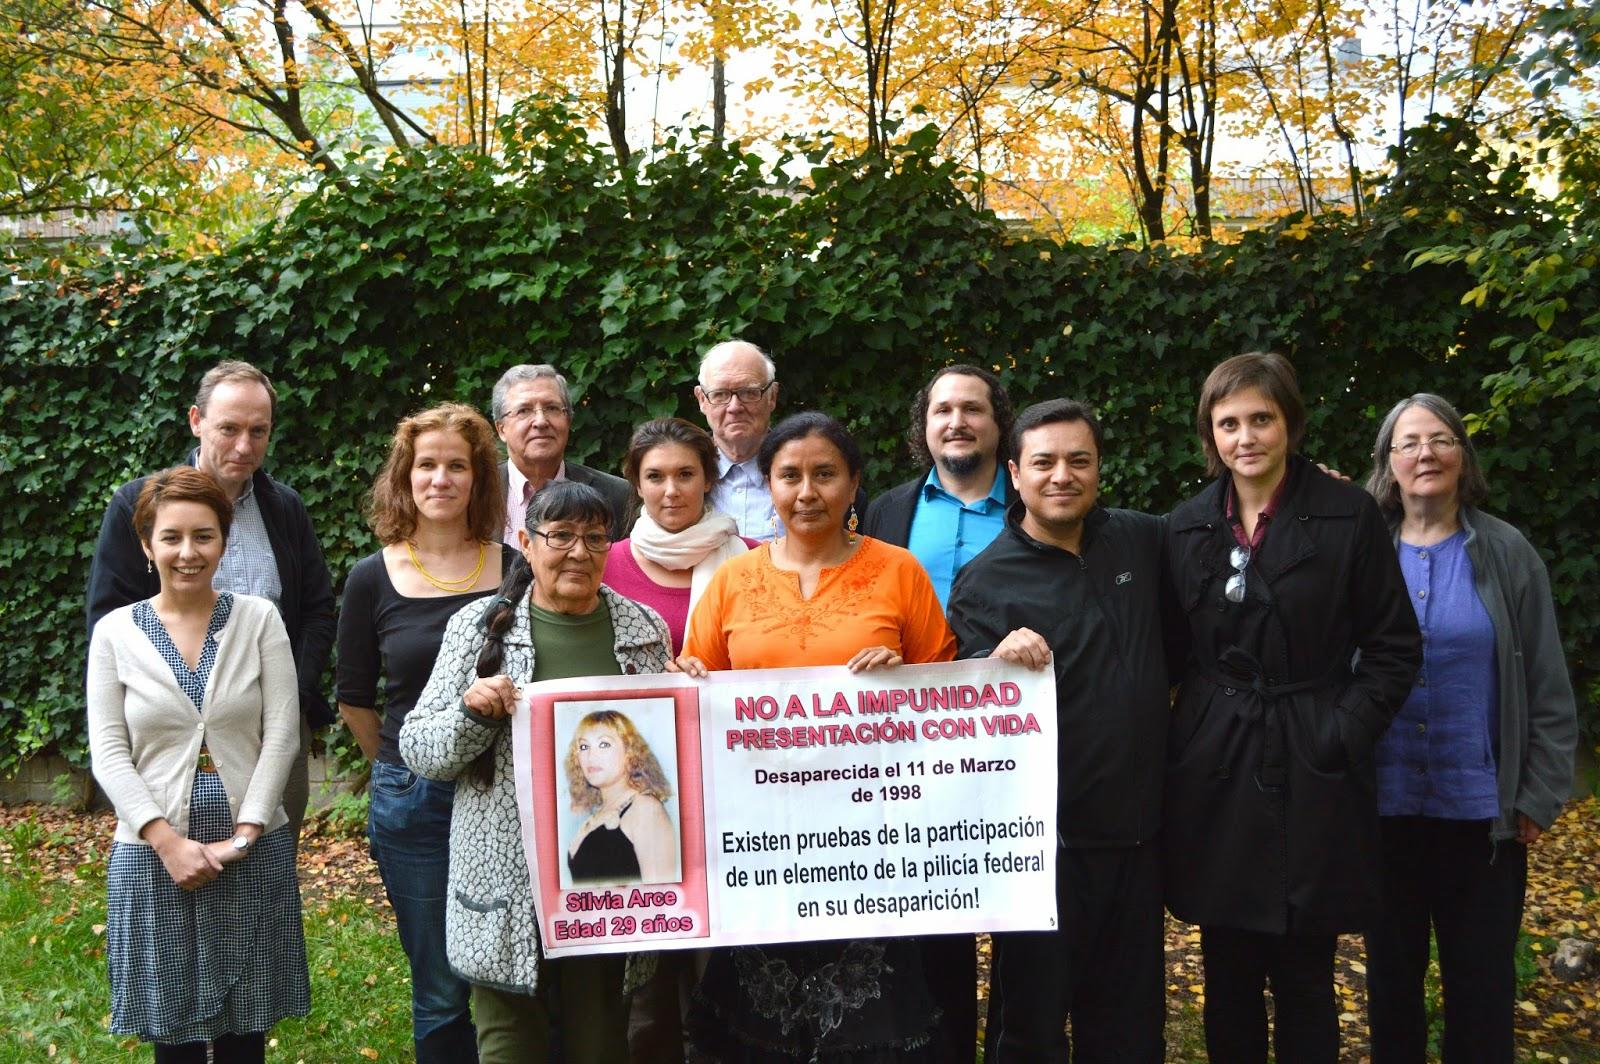 http://amnesty-luxembourg-photos.blogspot.com/2013/10/rencontre-avec-madame-arce-et-monsieur.html